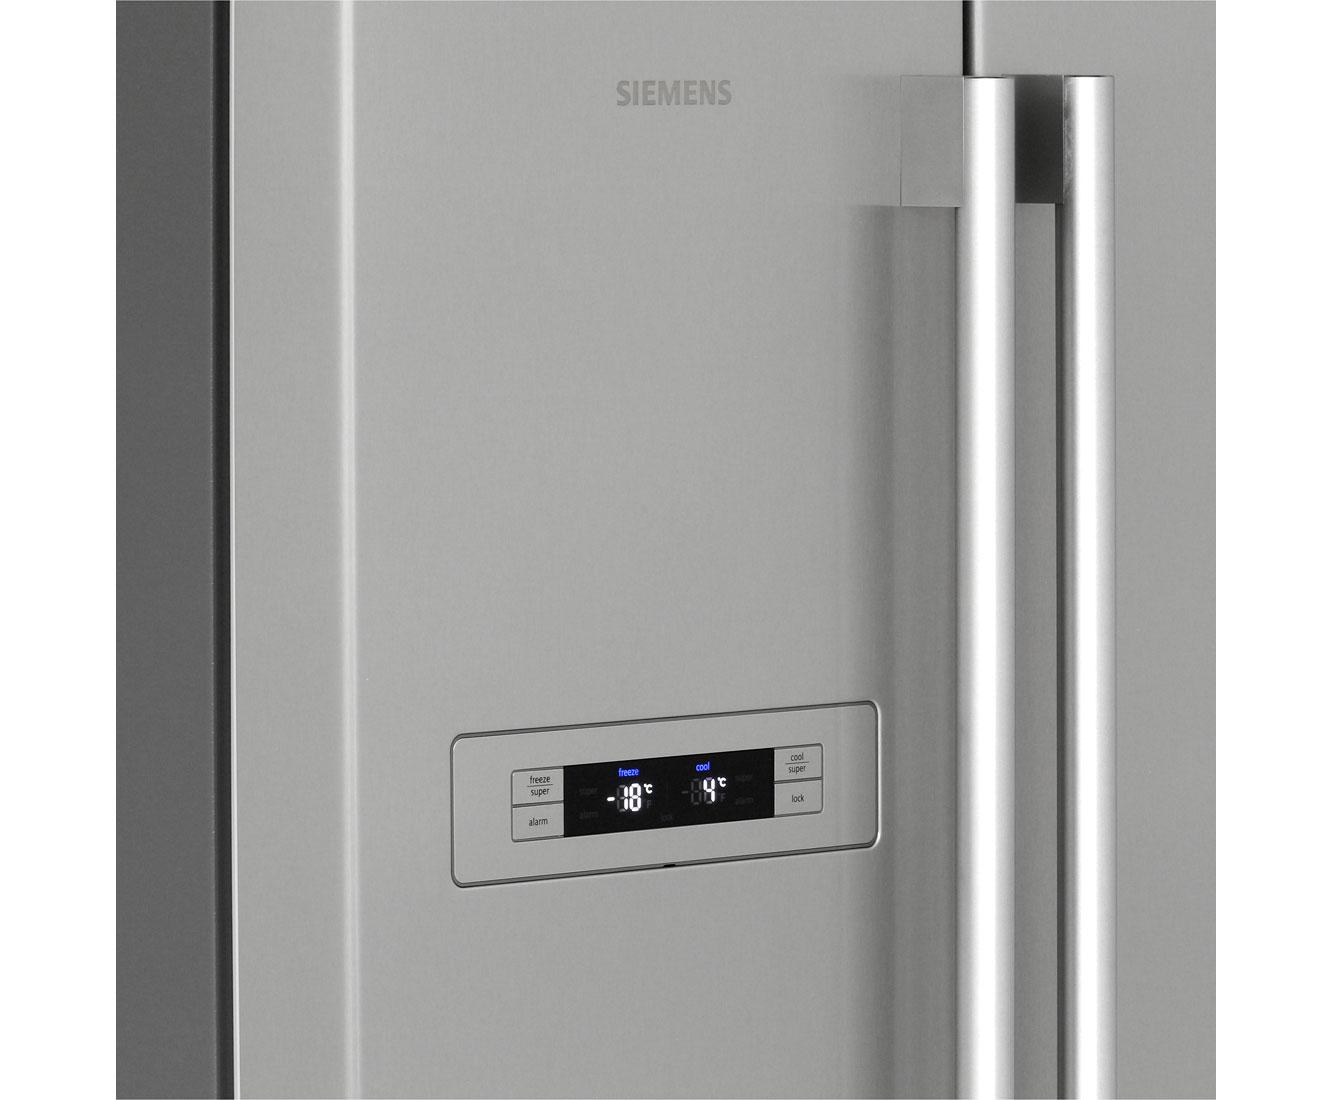 Siemens Kühlschrank Alarm Leuchtet : Siemens kühlschrank alarm leuchtet rot siemens kühlschrank alarm